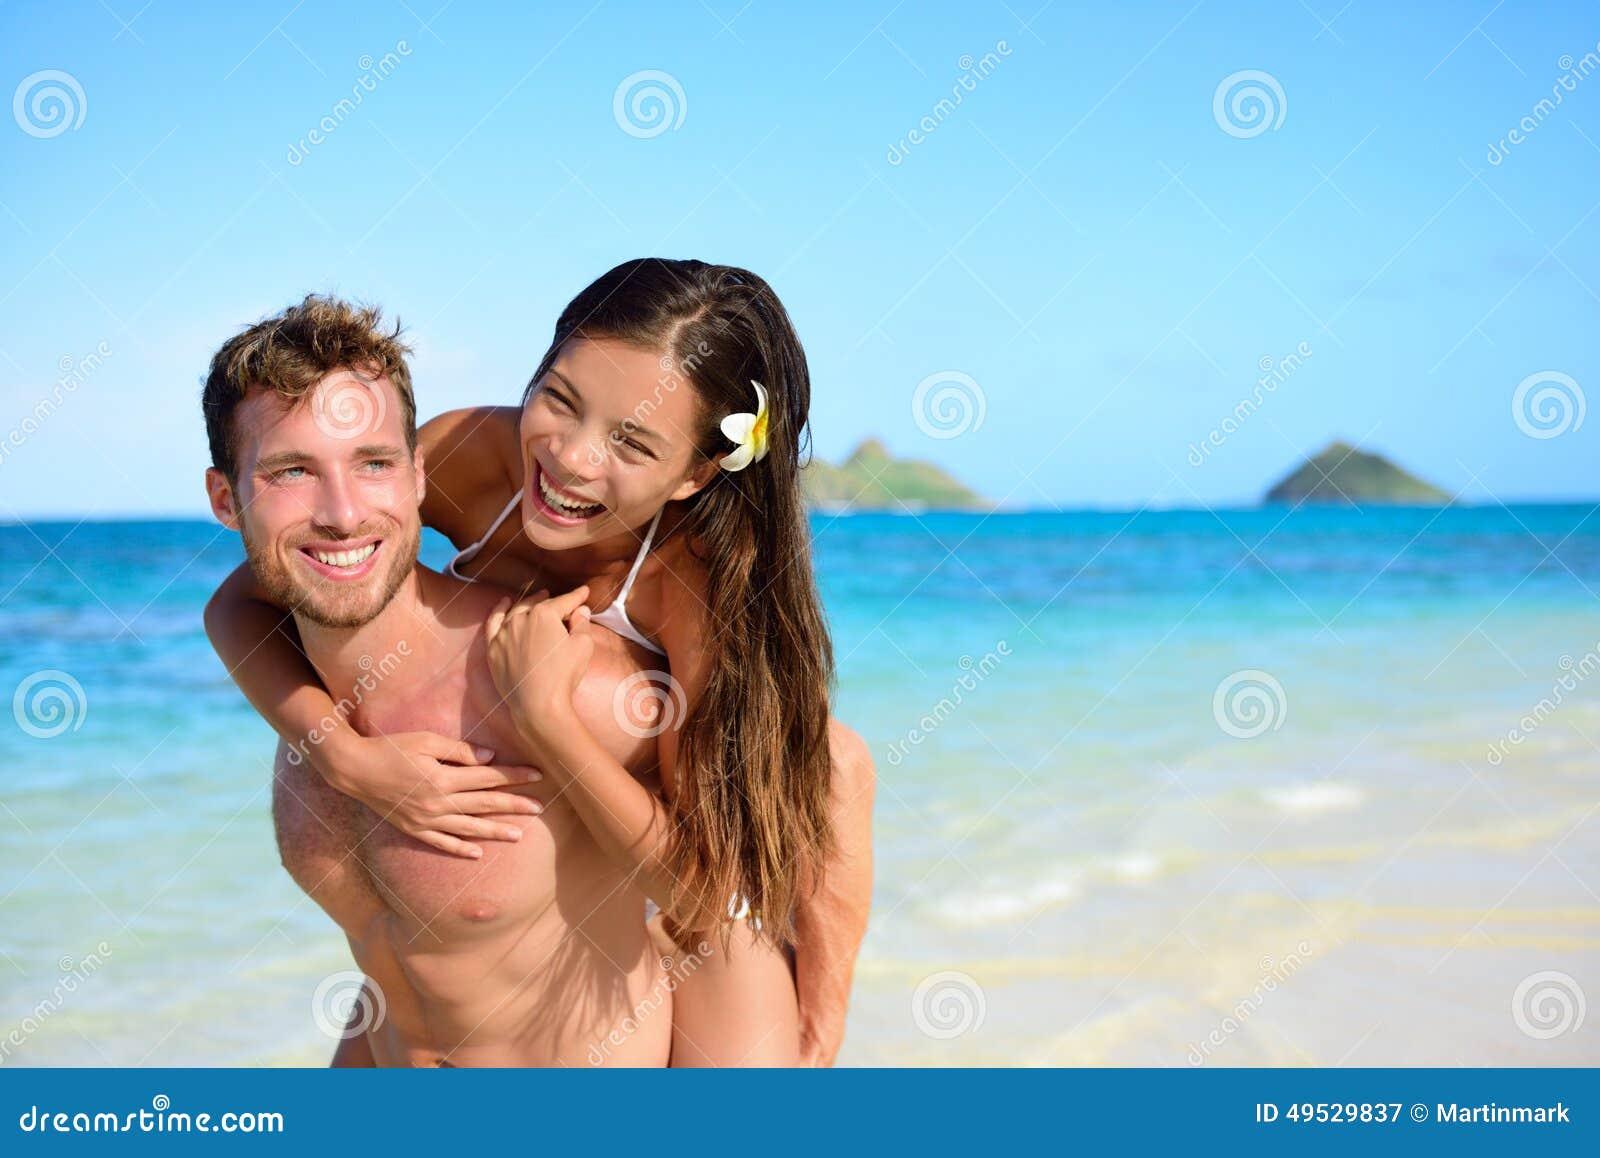 Morsomme utflukter for par